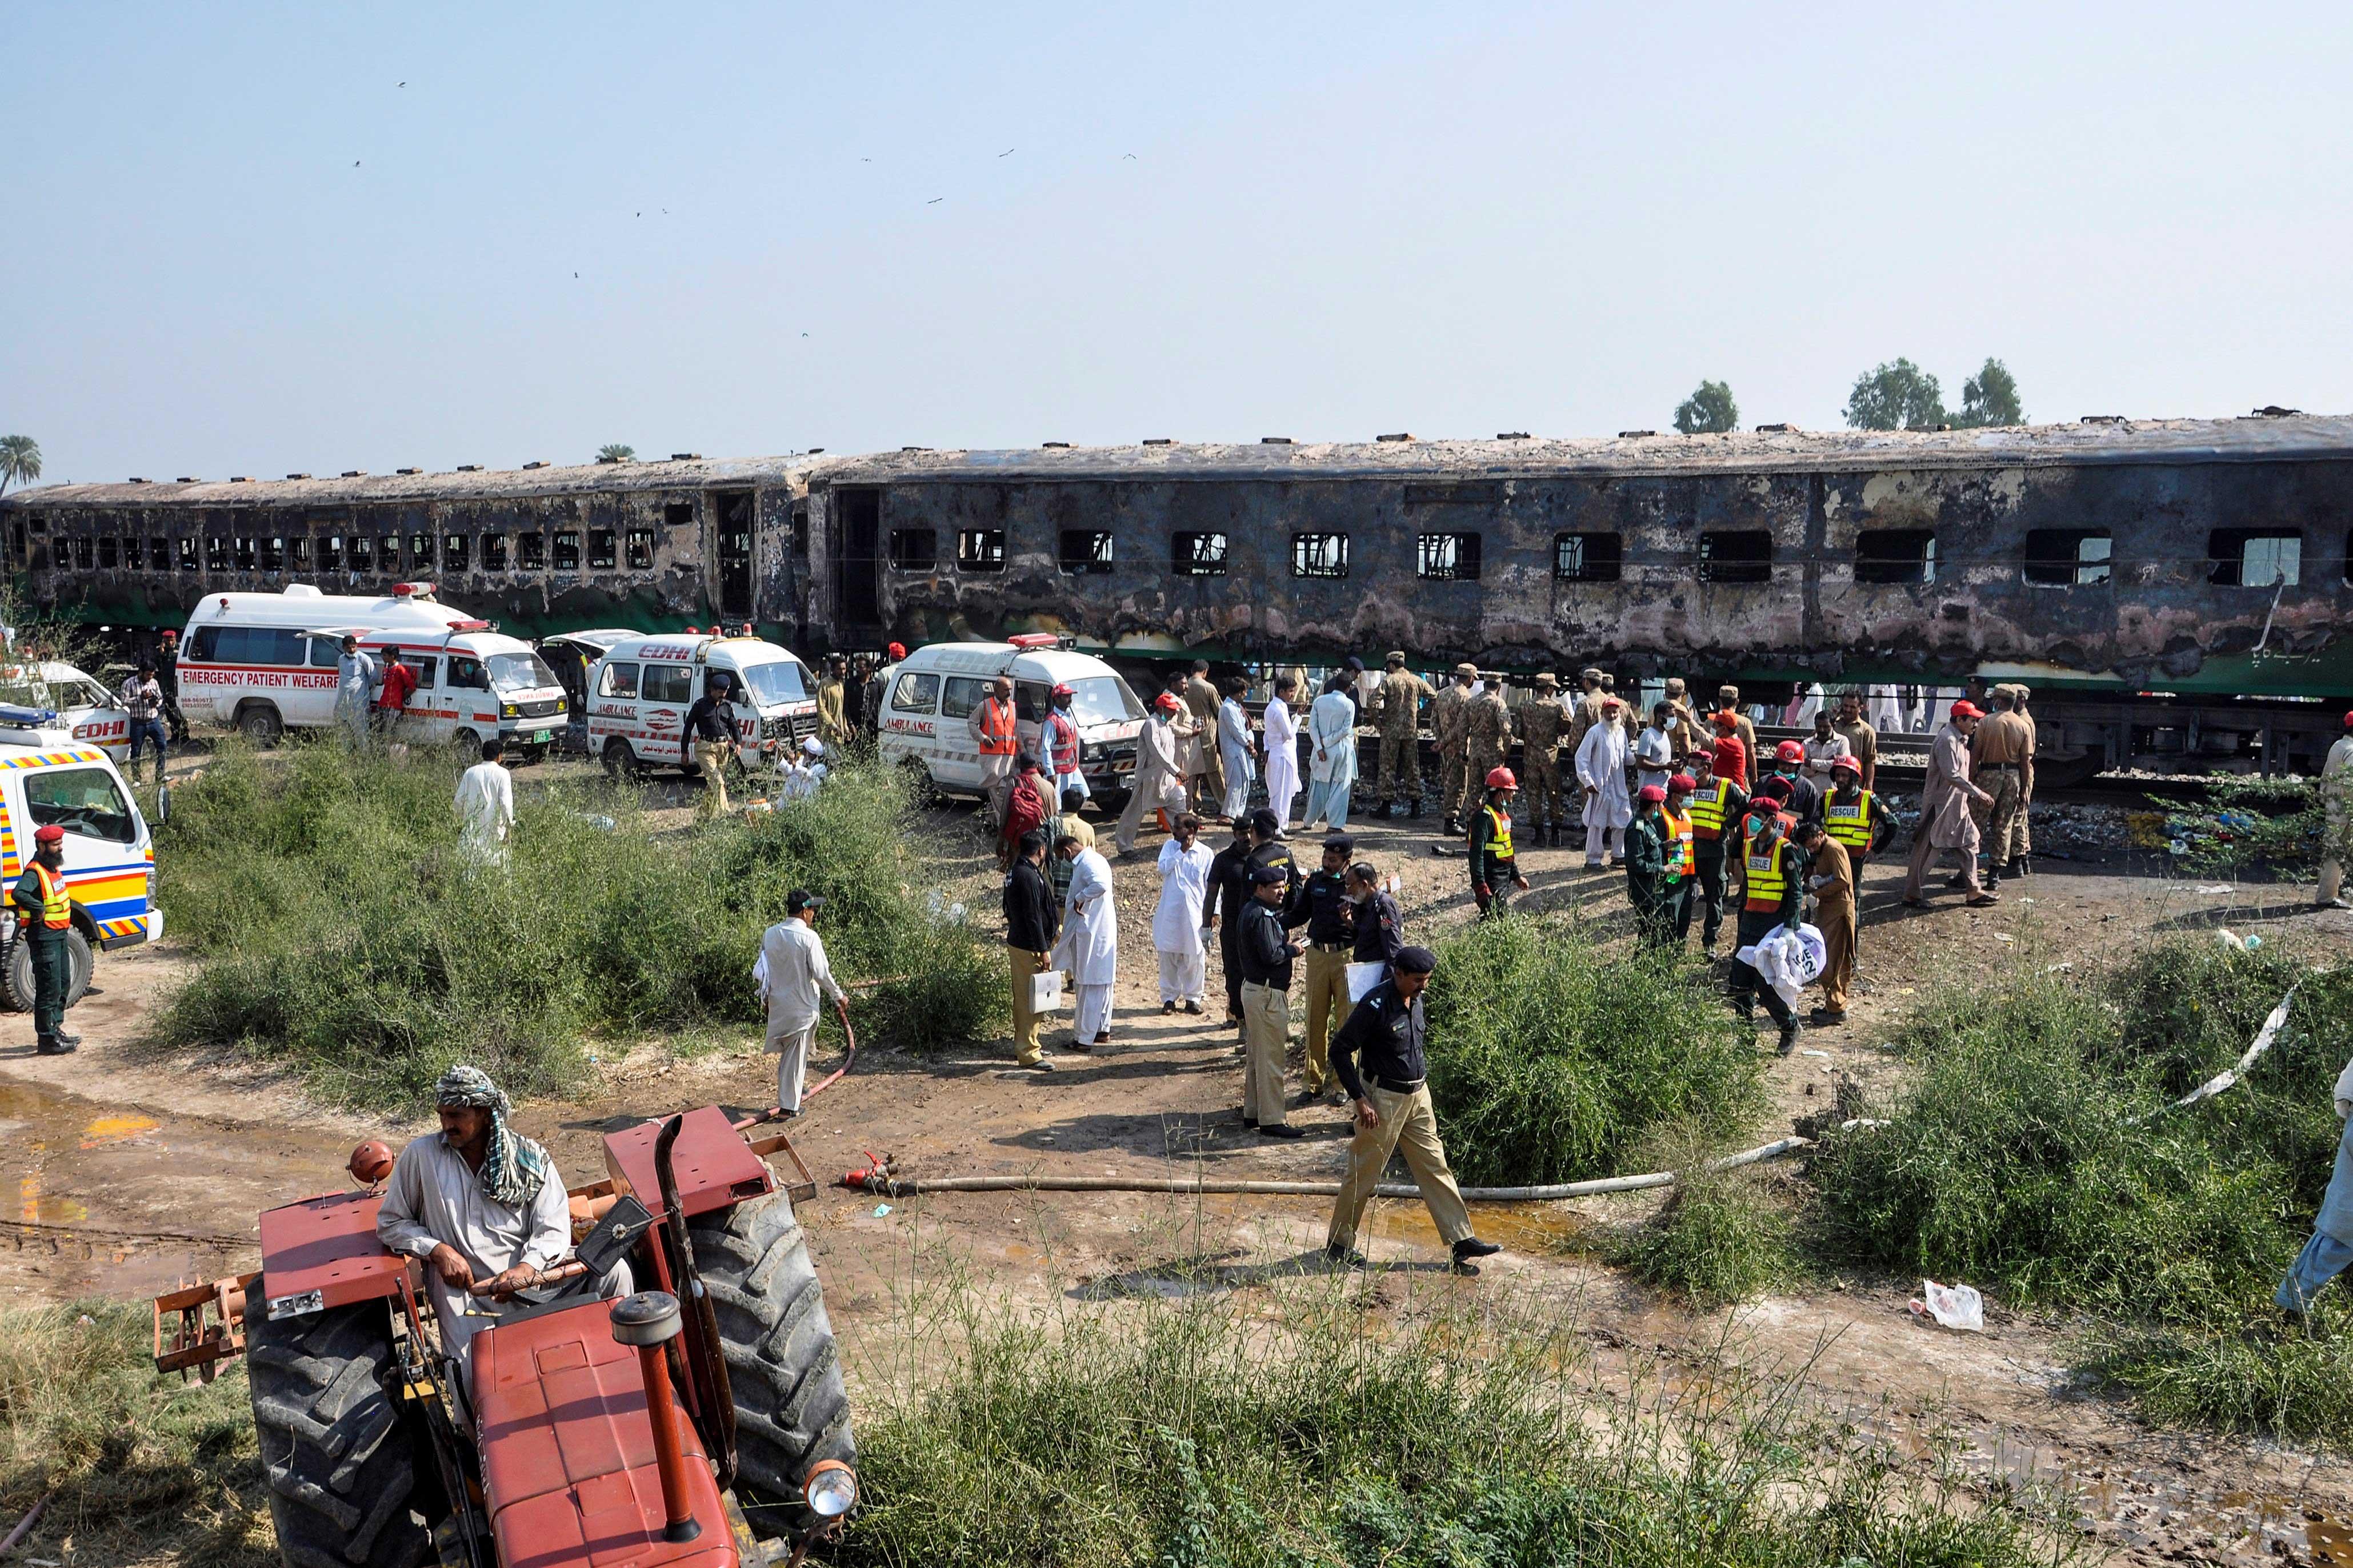 Cientos de oficiales de los servicios d e seguridad de la Provincia de Punjab acudieron al rescate. (REUTERS)